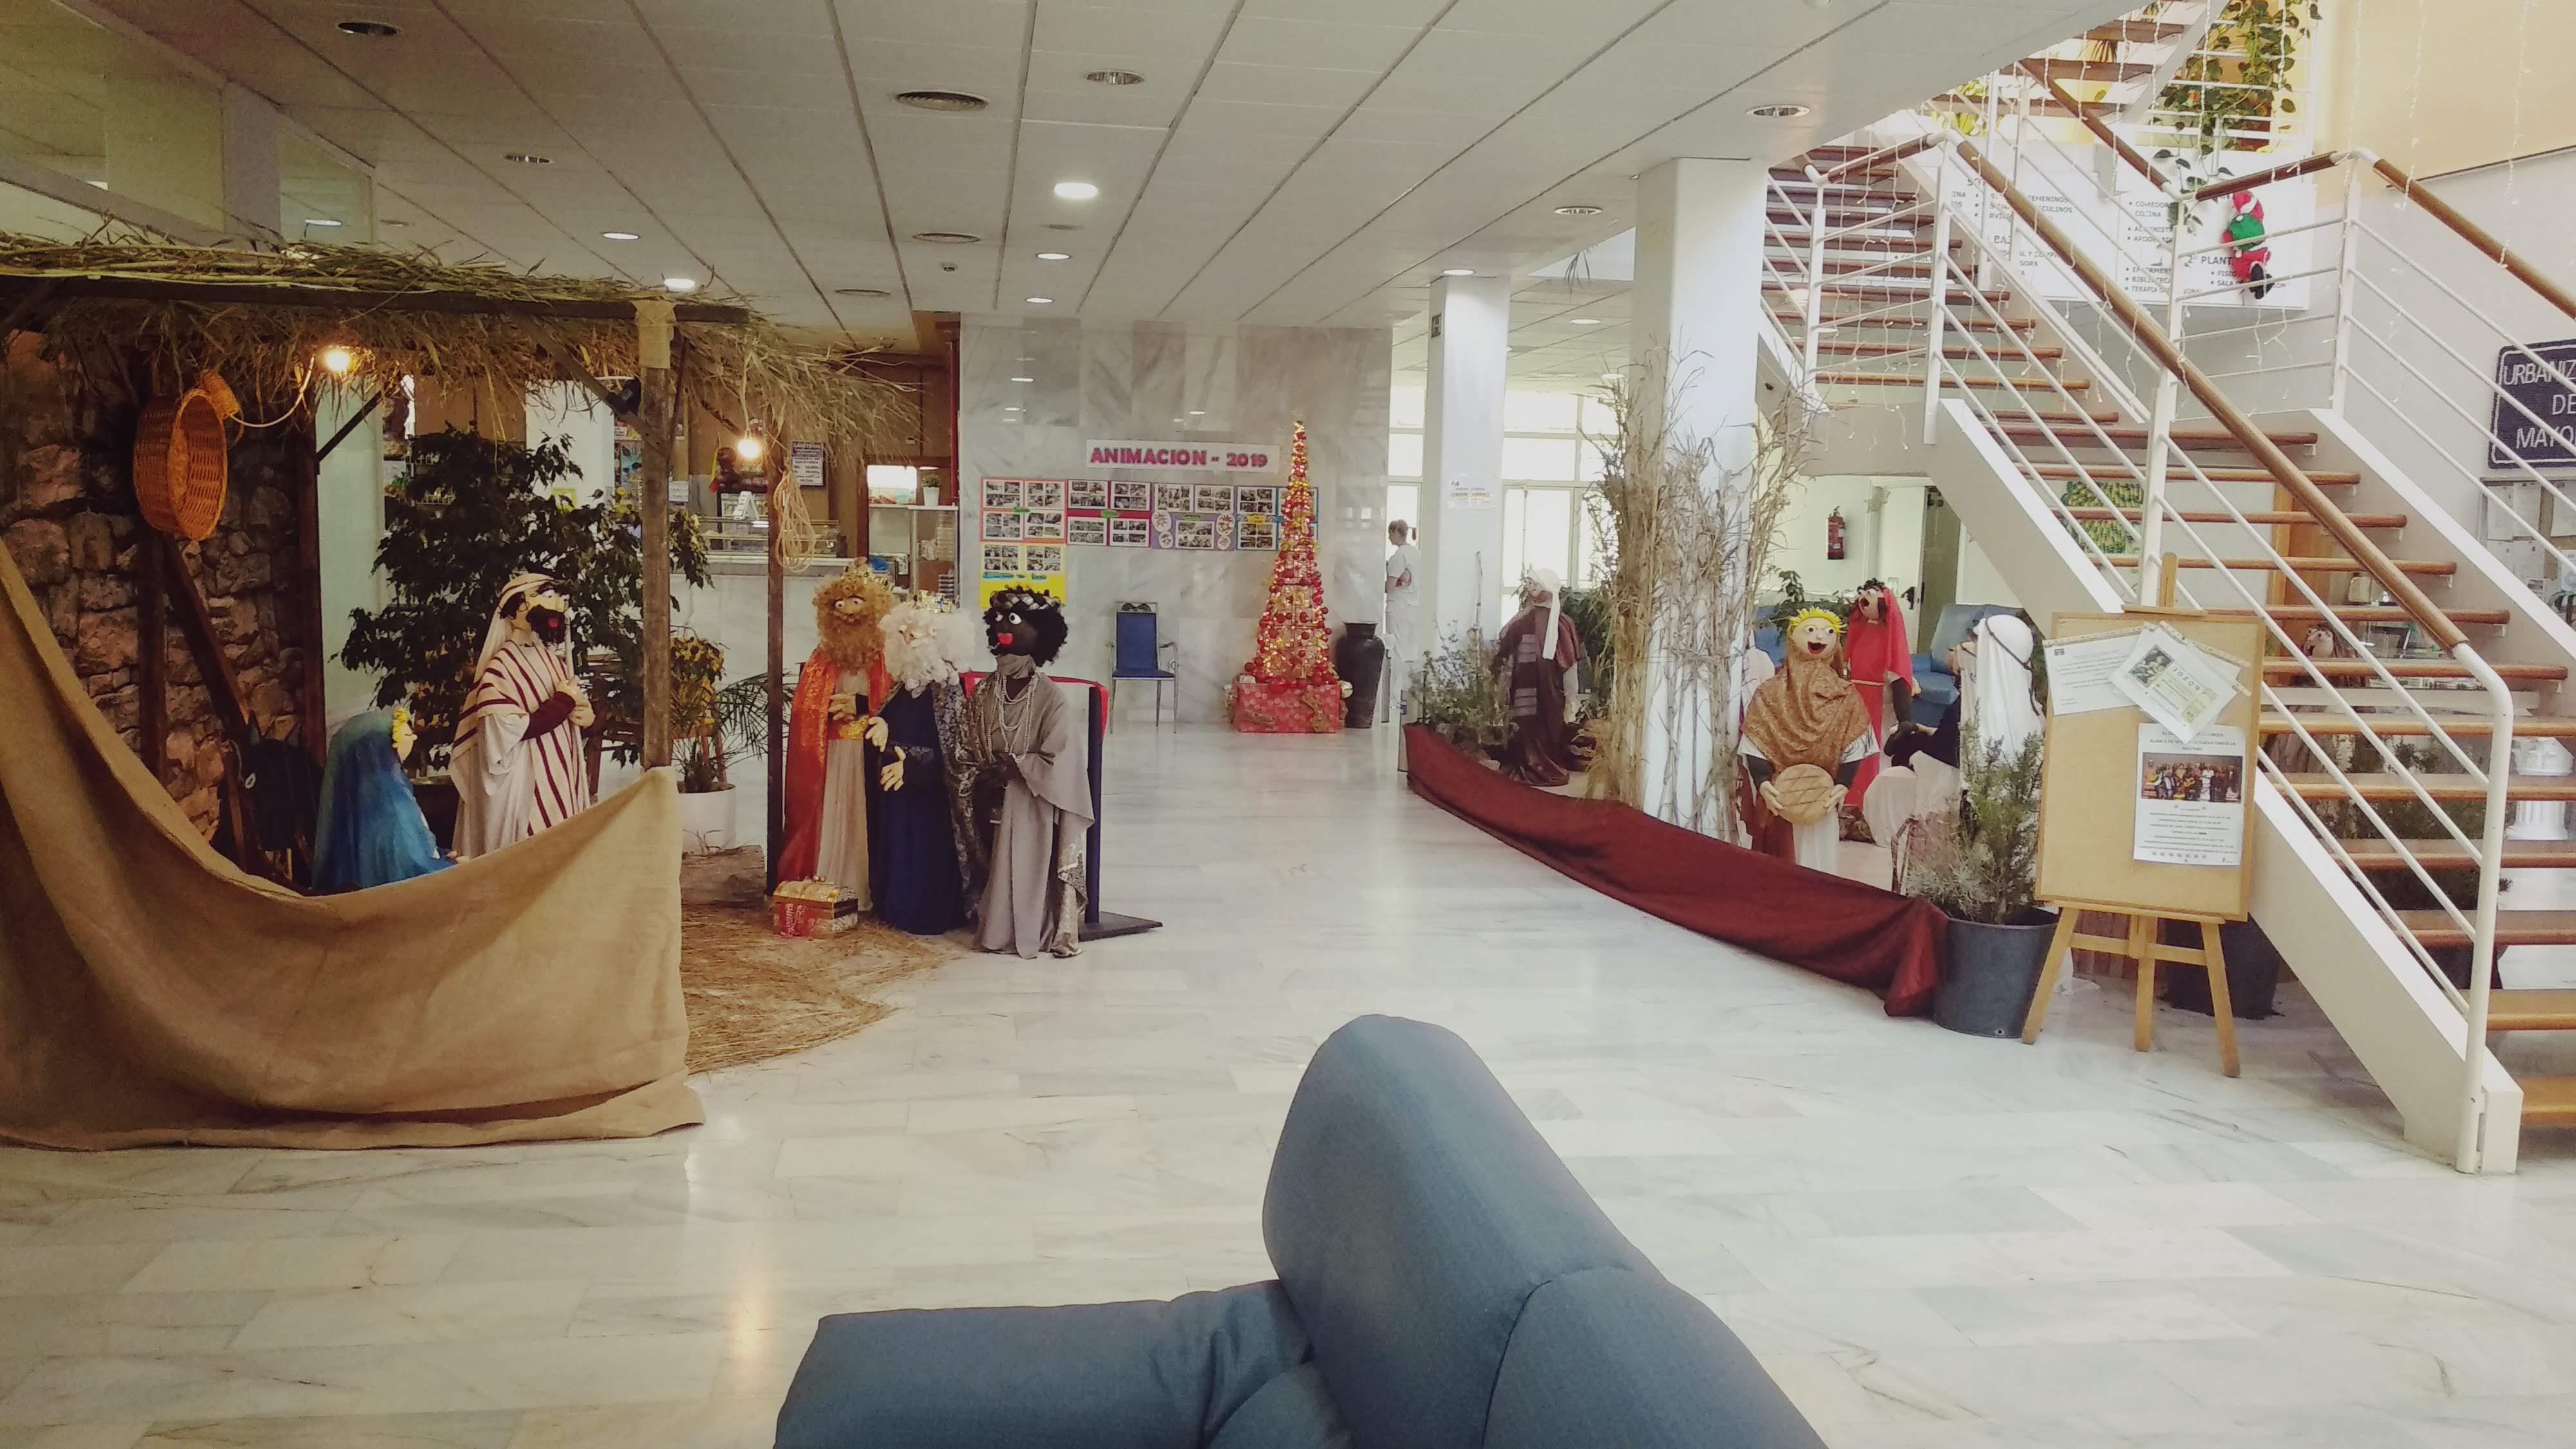 Un Belén con figuras de tamaño real decora el hall de la Residencia Urbanización de Mayores